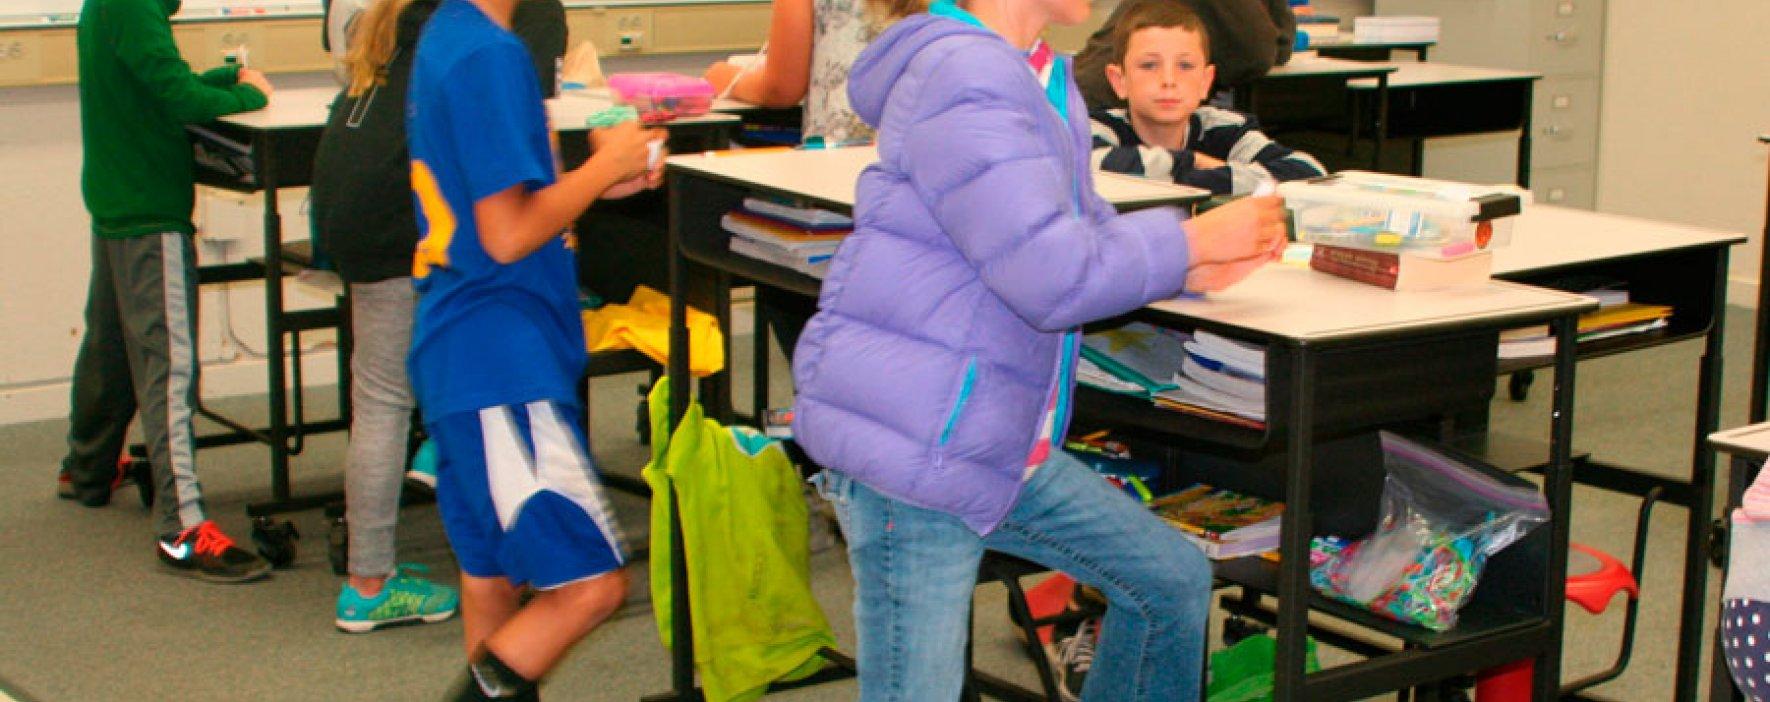 ¿Le gustaría que las escuelas tuvieran escritorios de pie?